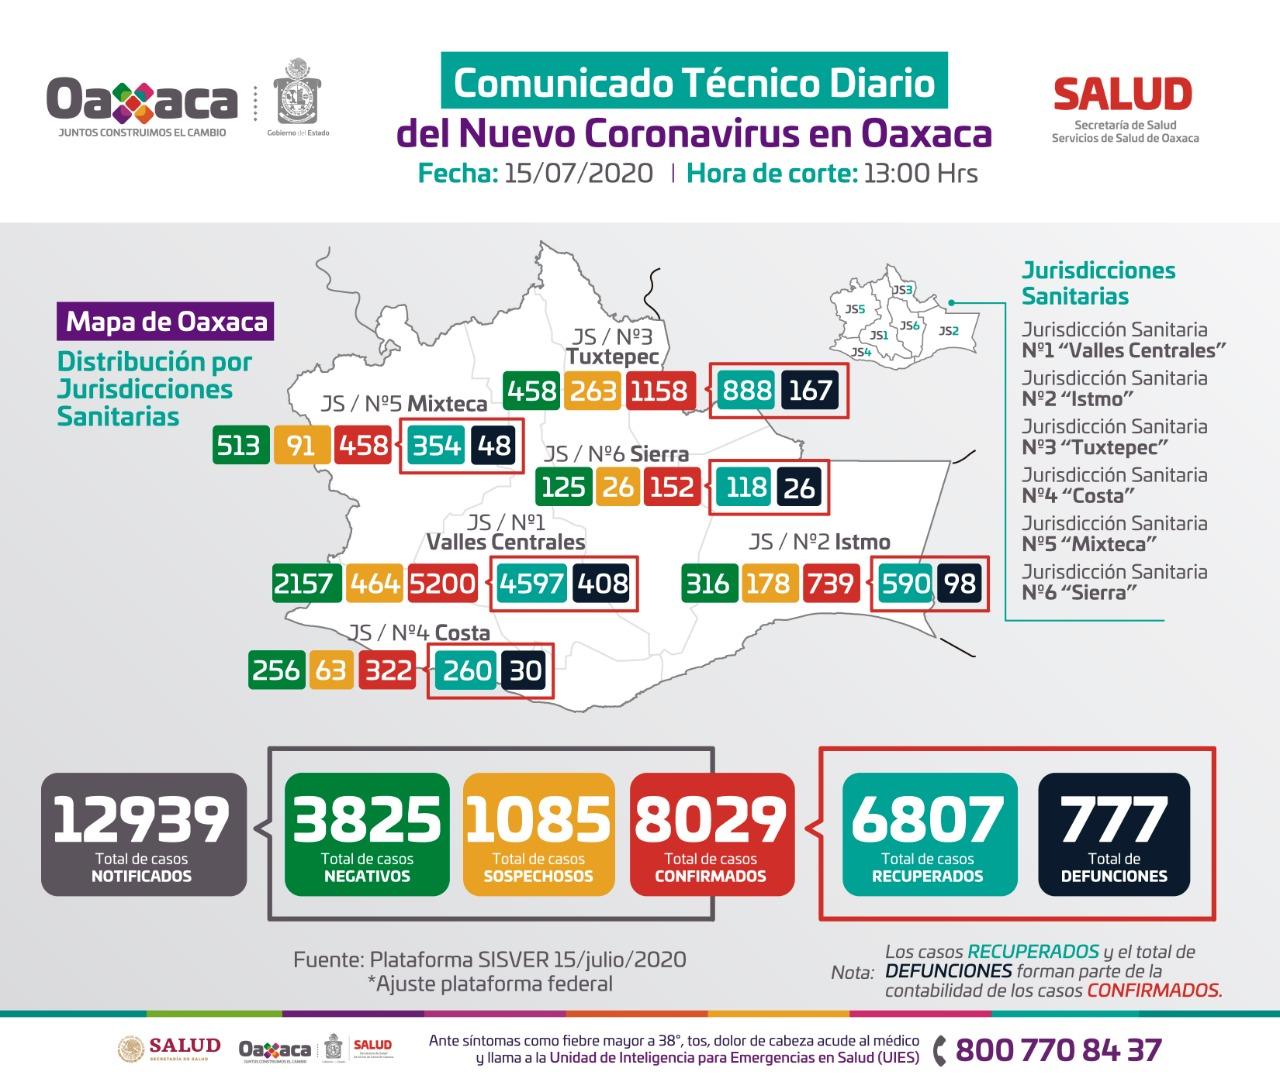 Registra Oaxaca ocho mil 029 casos acumulados y 777 defunciones de Covid-19